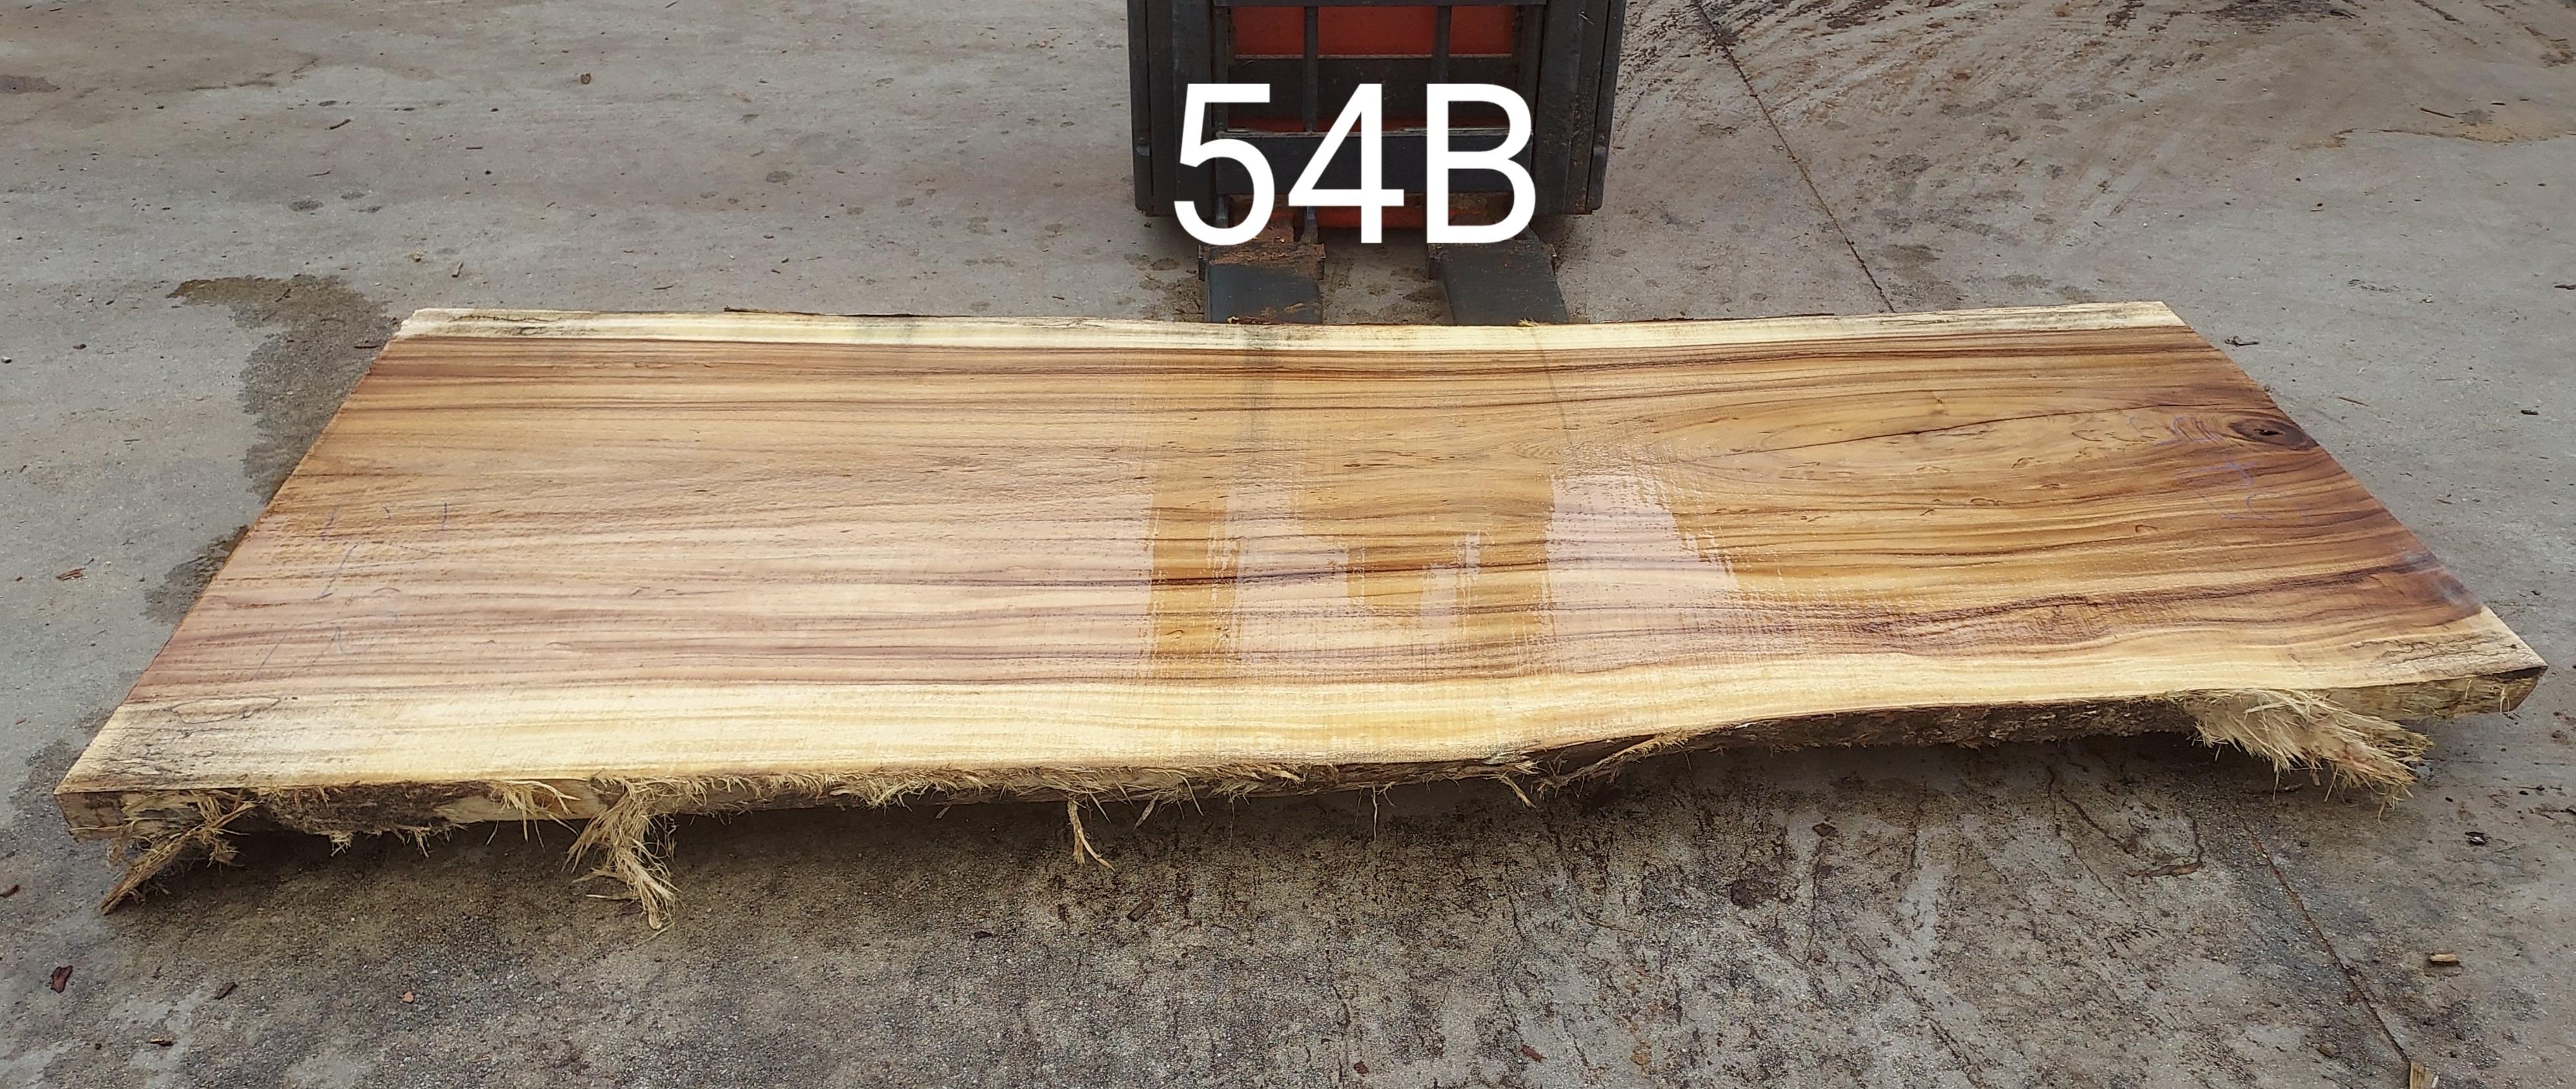 N 54B ANCHO